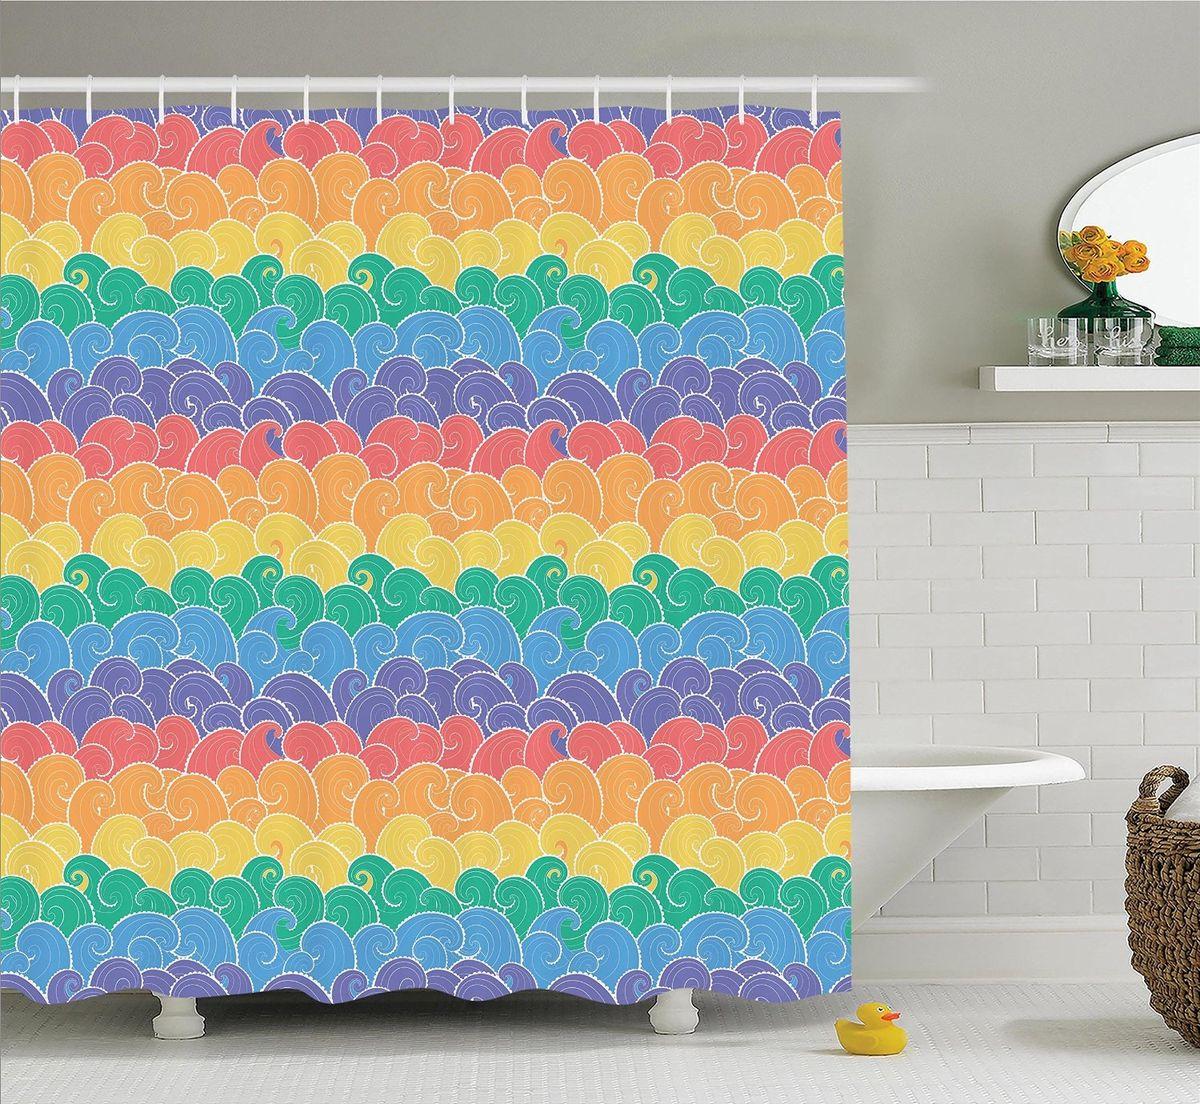 Штора для ванной комнаты Magic Lady Цветные волны, 180 х 200 см531-105Штора Magic Lady Цветные волны, изготовленная из высококачественного сатена (полиэстер 100%), отлично дополнит любой интерьер ванной комнаты. При изготовлении используются специальные гипоаллергенные чернила для прямой печати по ткани, безопасные для человека.В комплекте: 1 штора, 12 крючков. Обращаем ваше внимание, фактический цвет изделия может незначительно отличаться от представленного на фото.